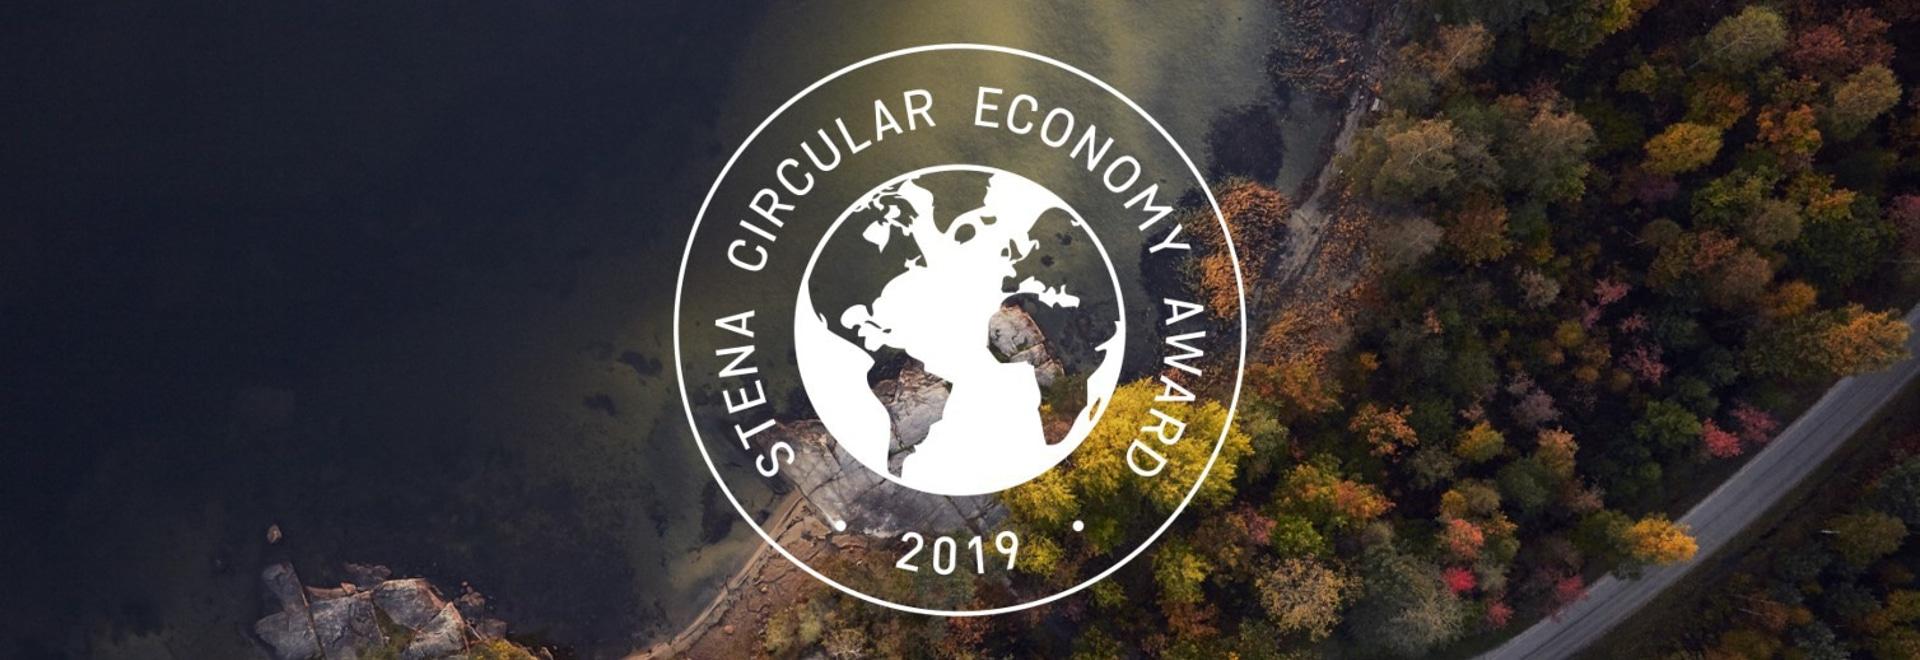 Nowy Styl Group mit einer Auszeichnung für zirkuläre Wirtschaftspraktiken